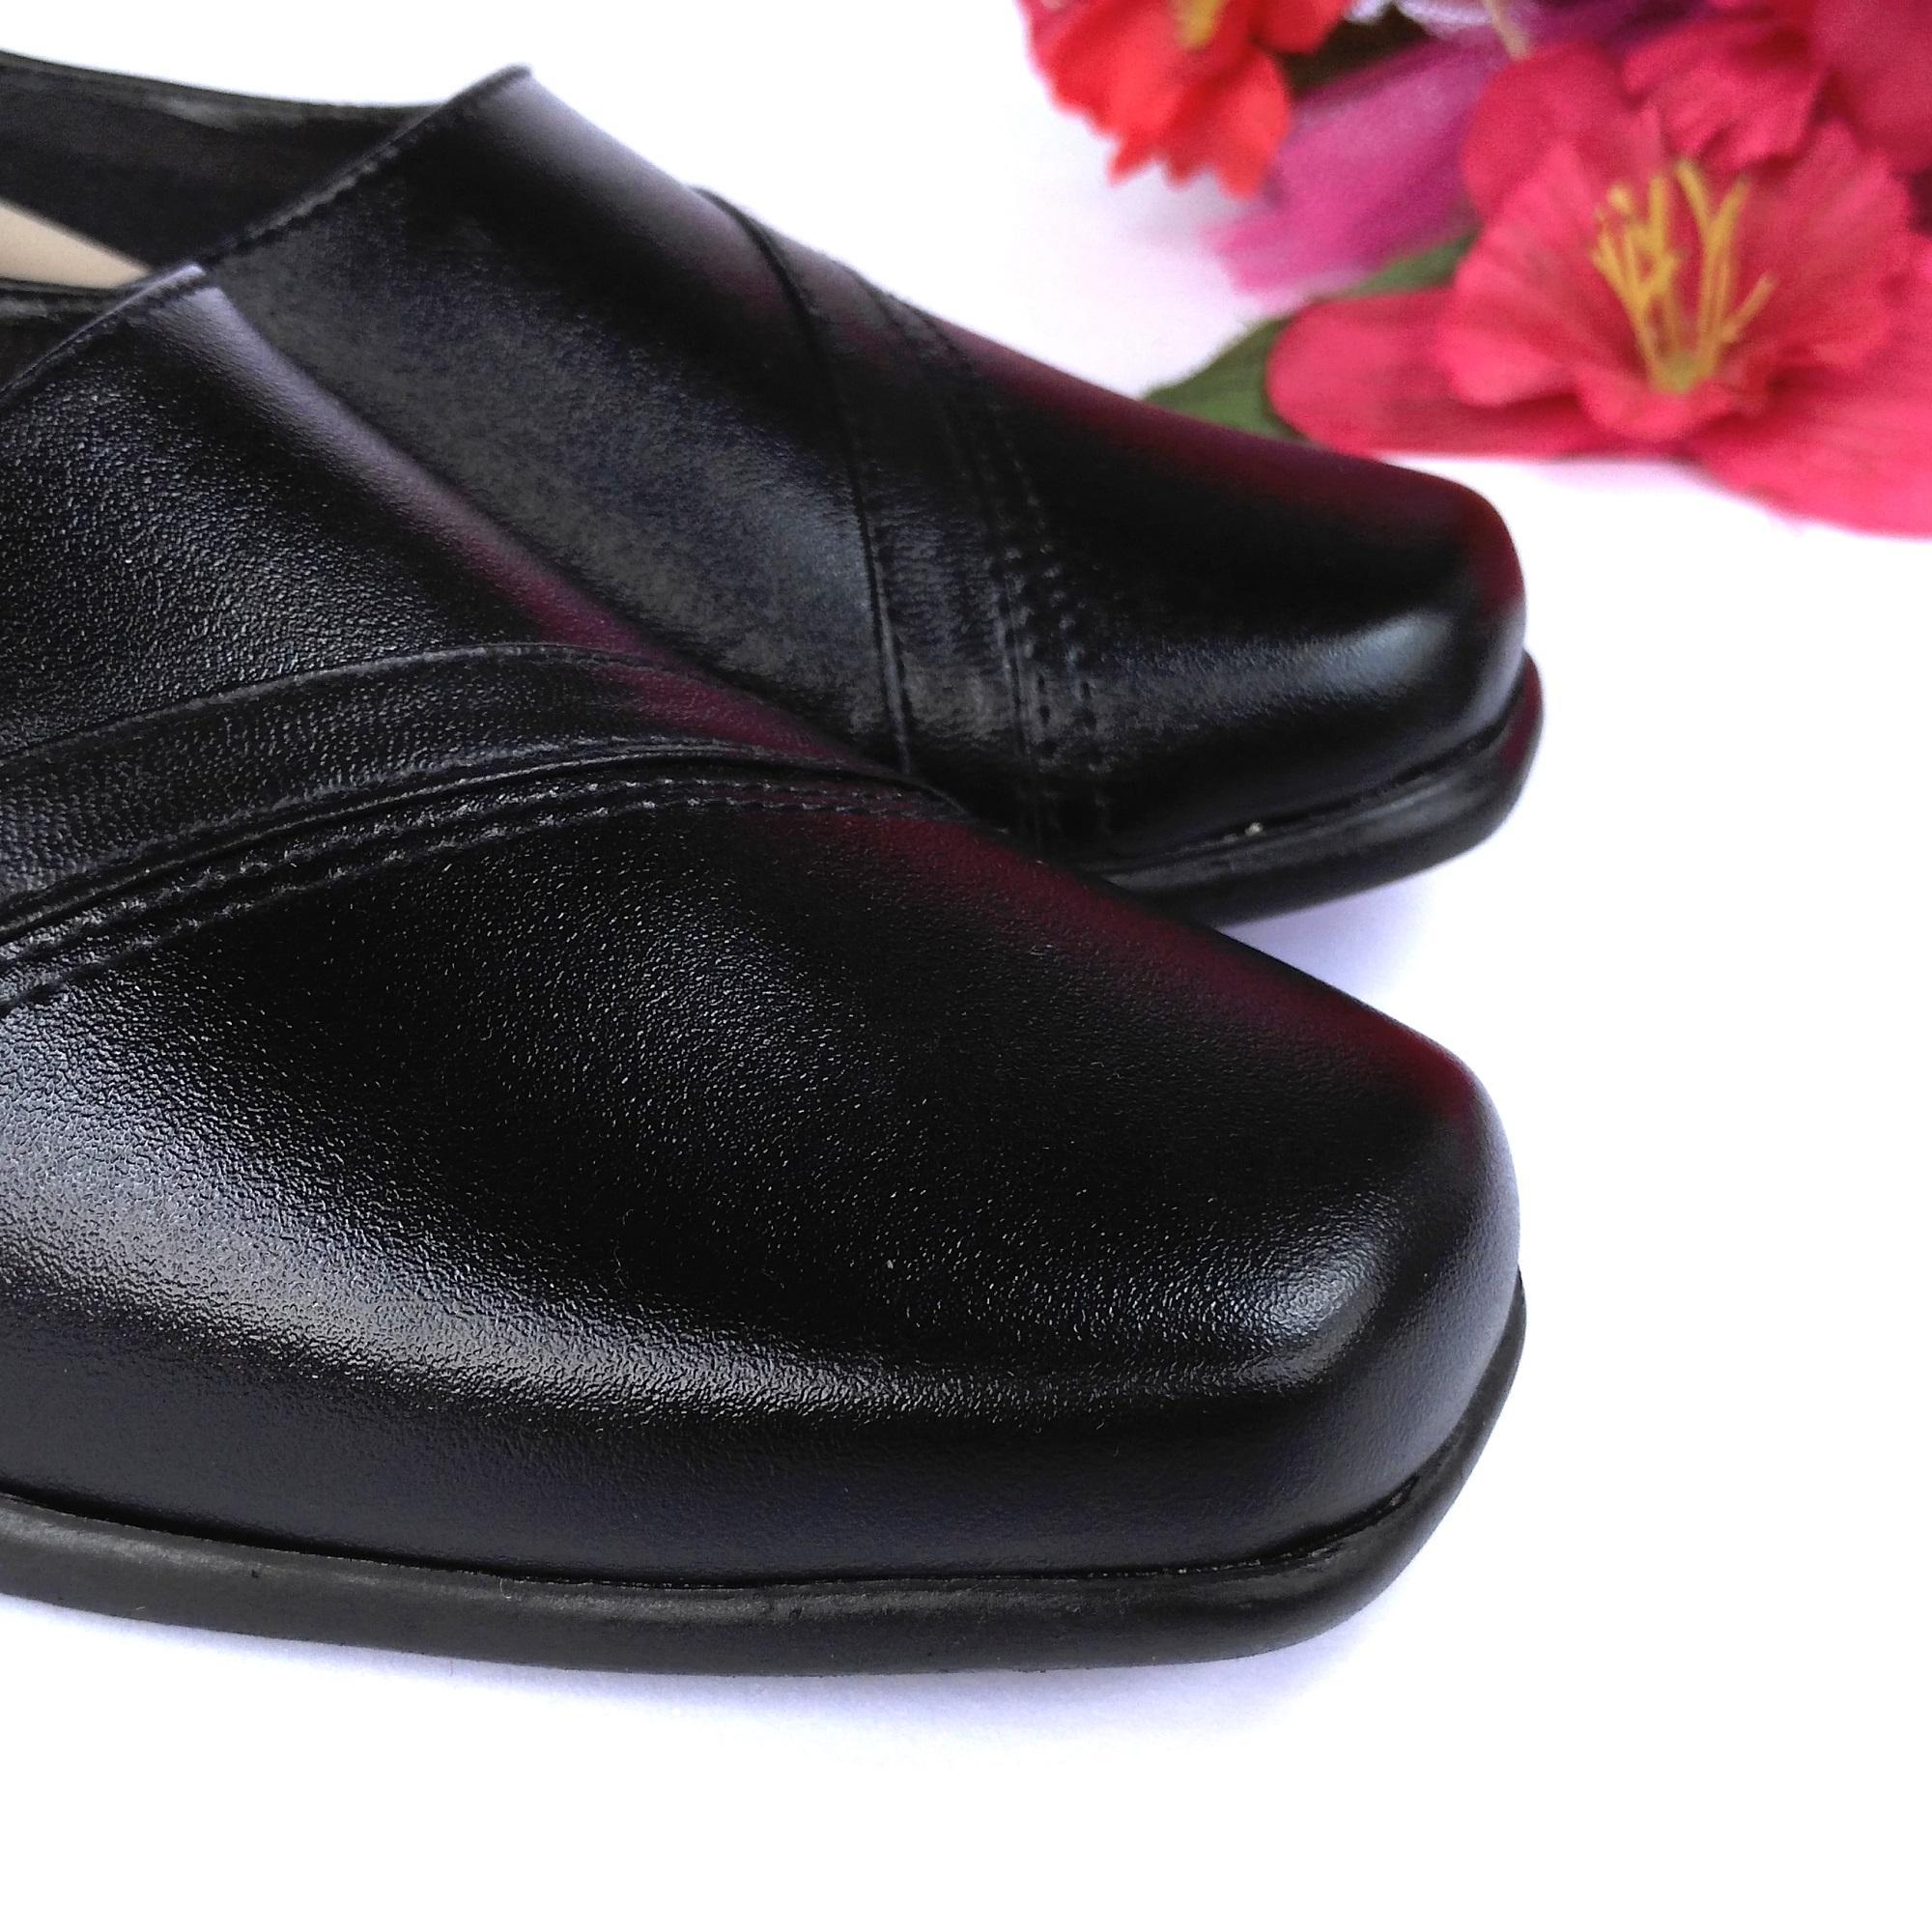 HQo Sepatu Pantofel Wanita / Sepatu Wanita Formal / Sepatu Pantofel Paskibra Wanita .